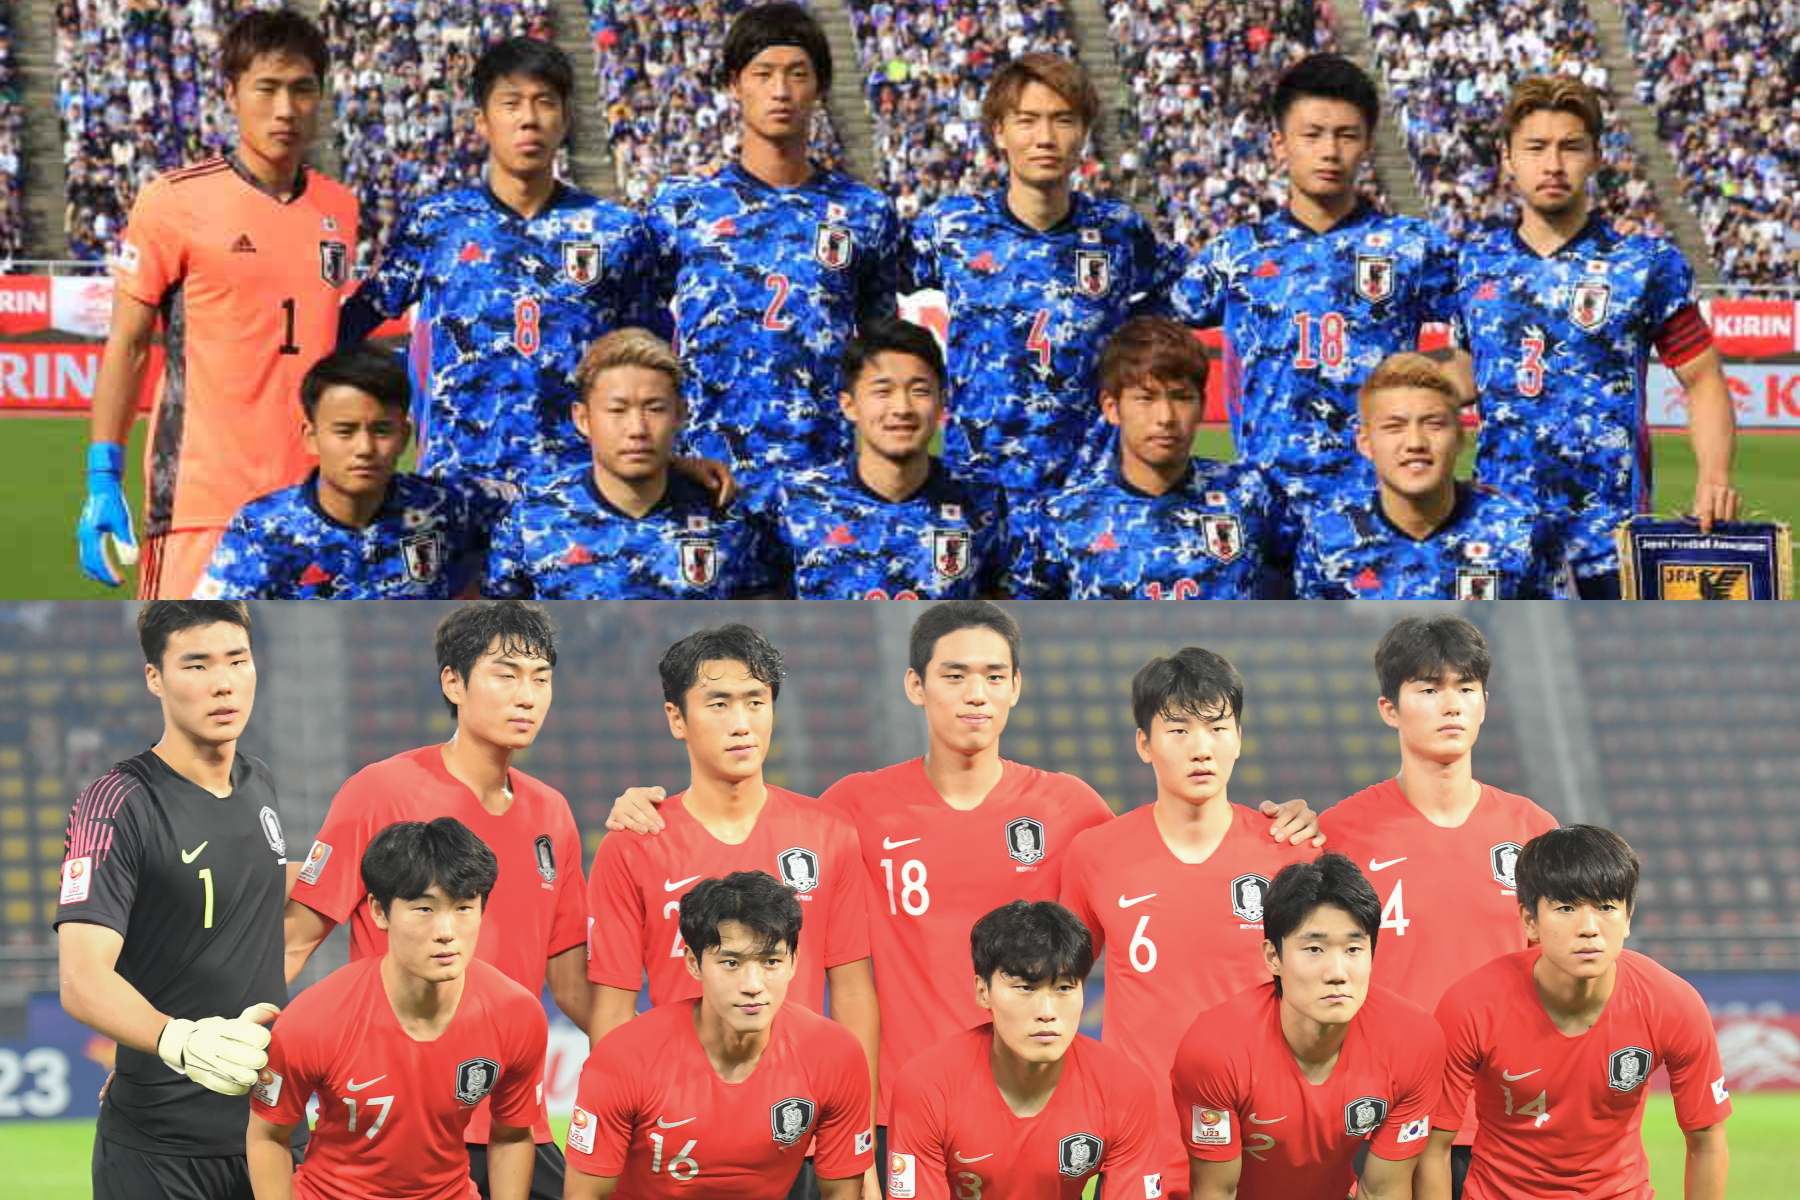 日本代表はグループAに、韓国代表はグループBで戦う【写真:Noriko NAGANO & Getty Images】